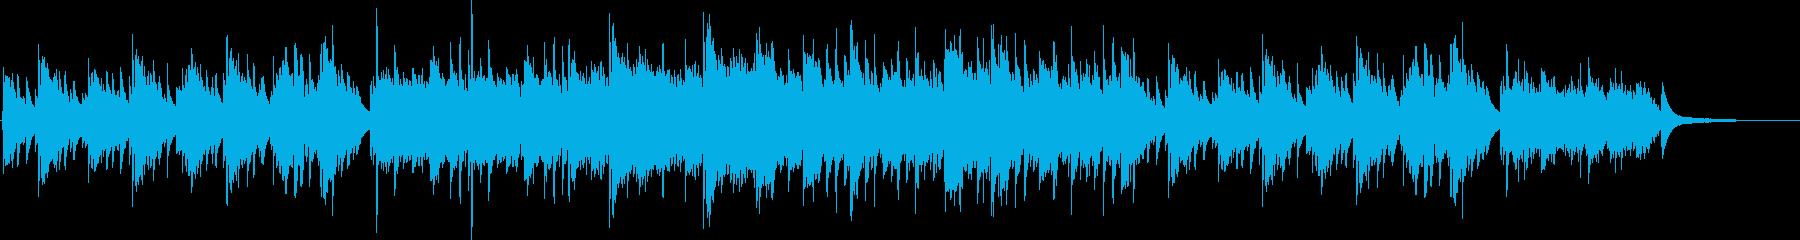 ピアノの優しい曲04の再生済みの波形